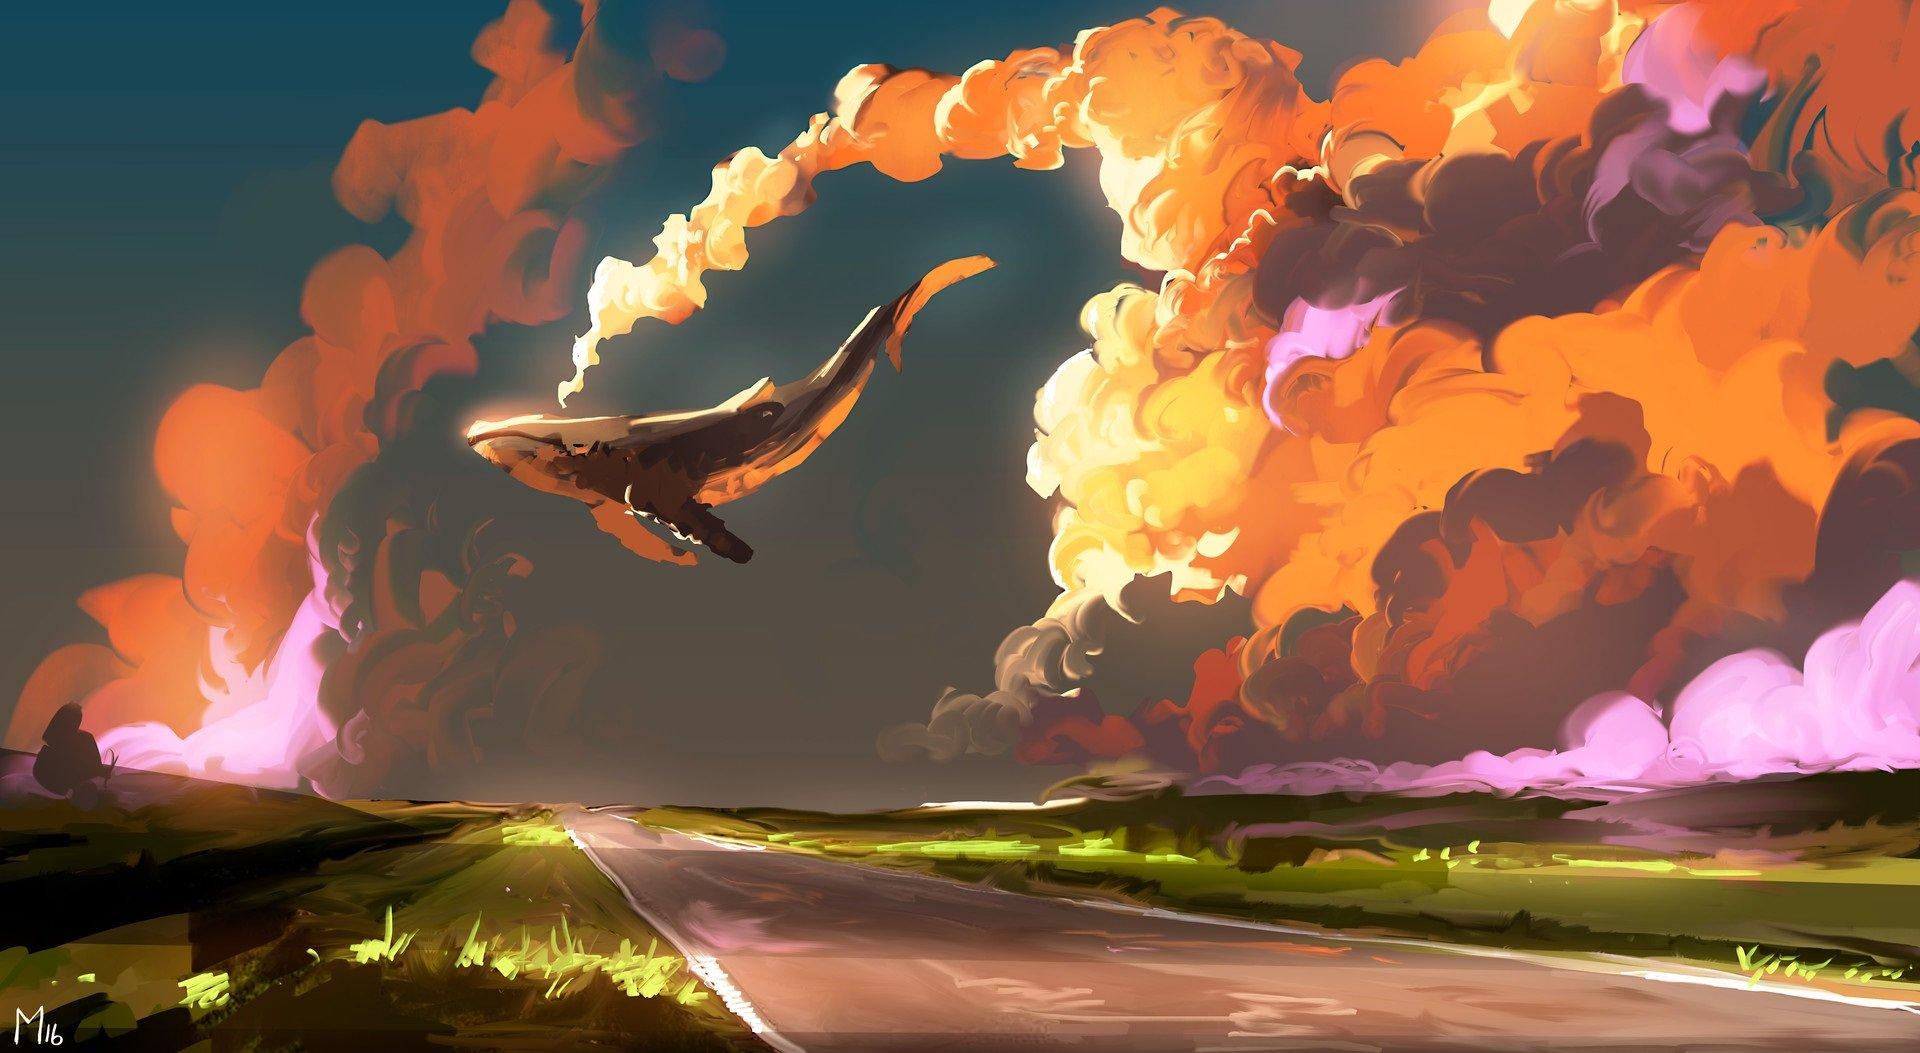 Fondos de pantalla Ballena Fantasía Arte Digital